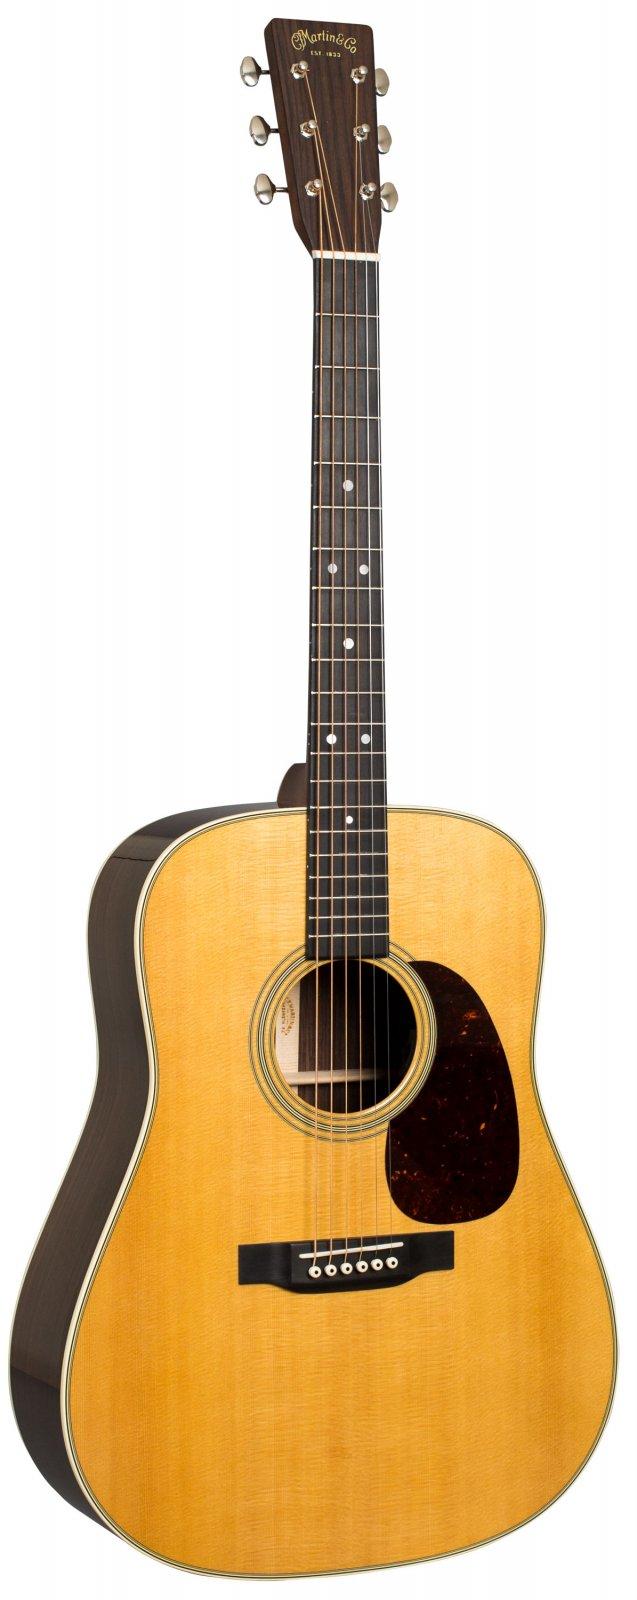 Martin Guitar Raffle 2020